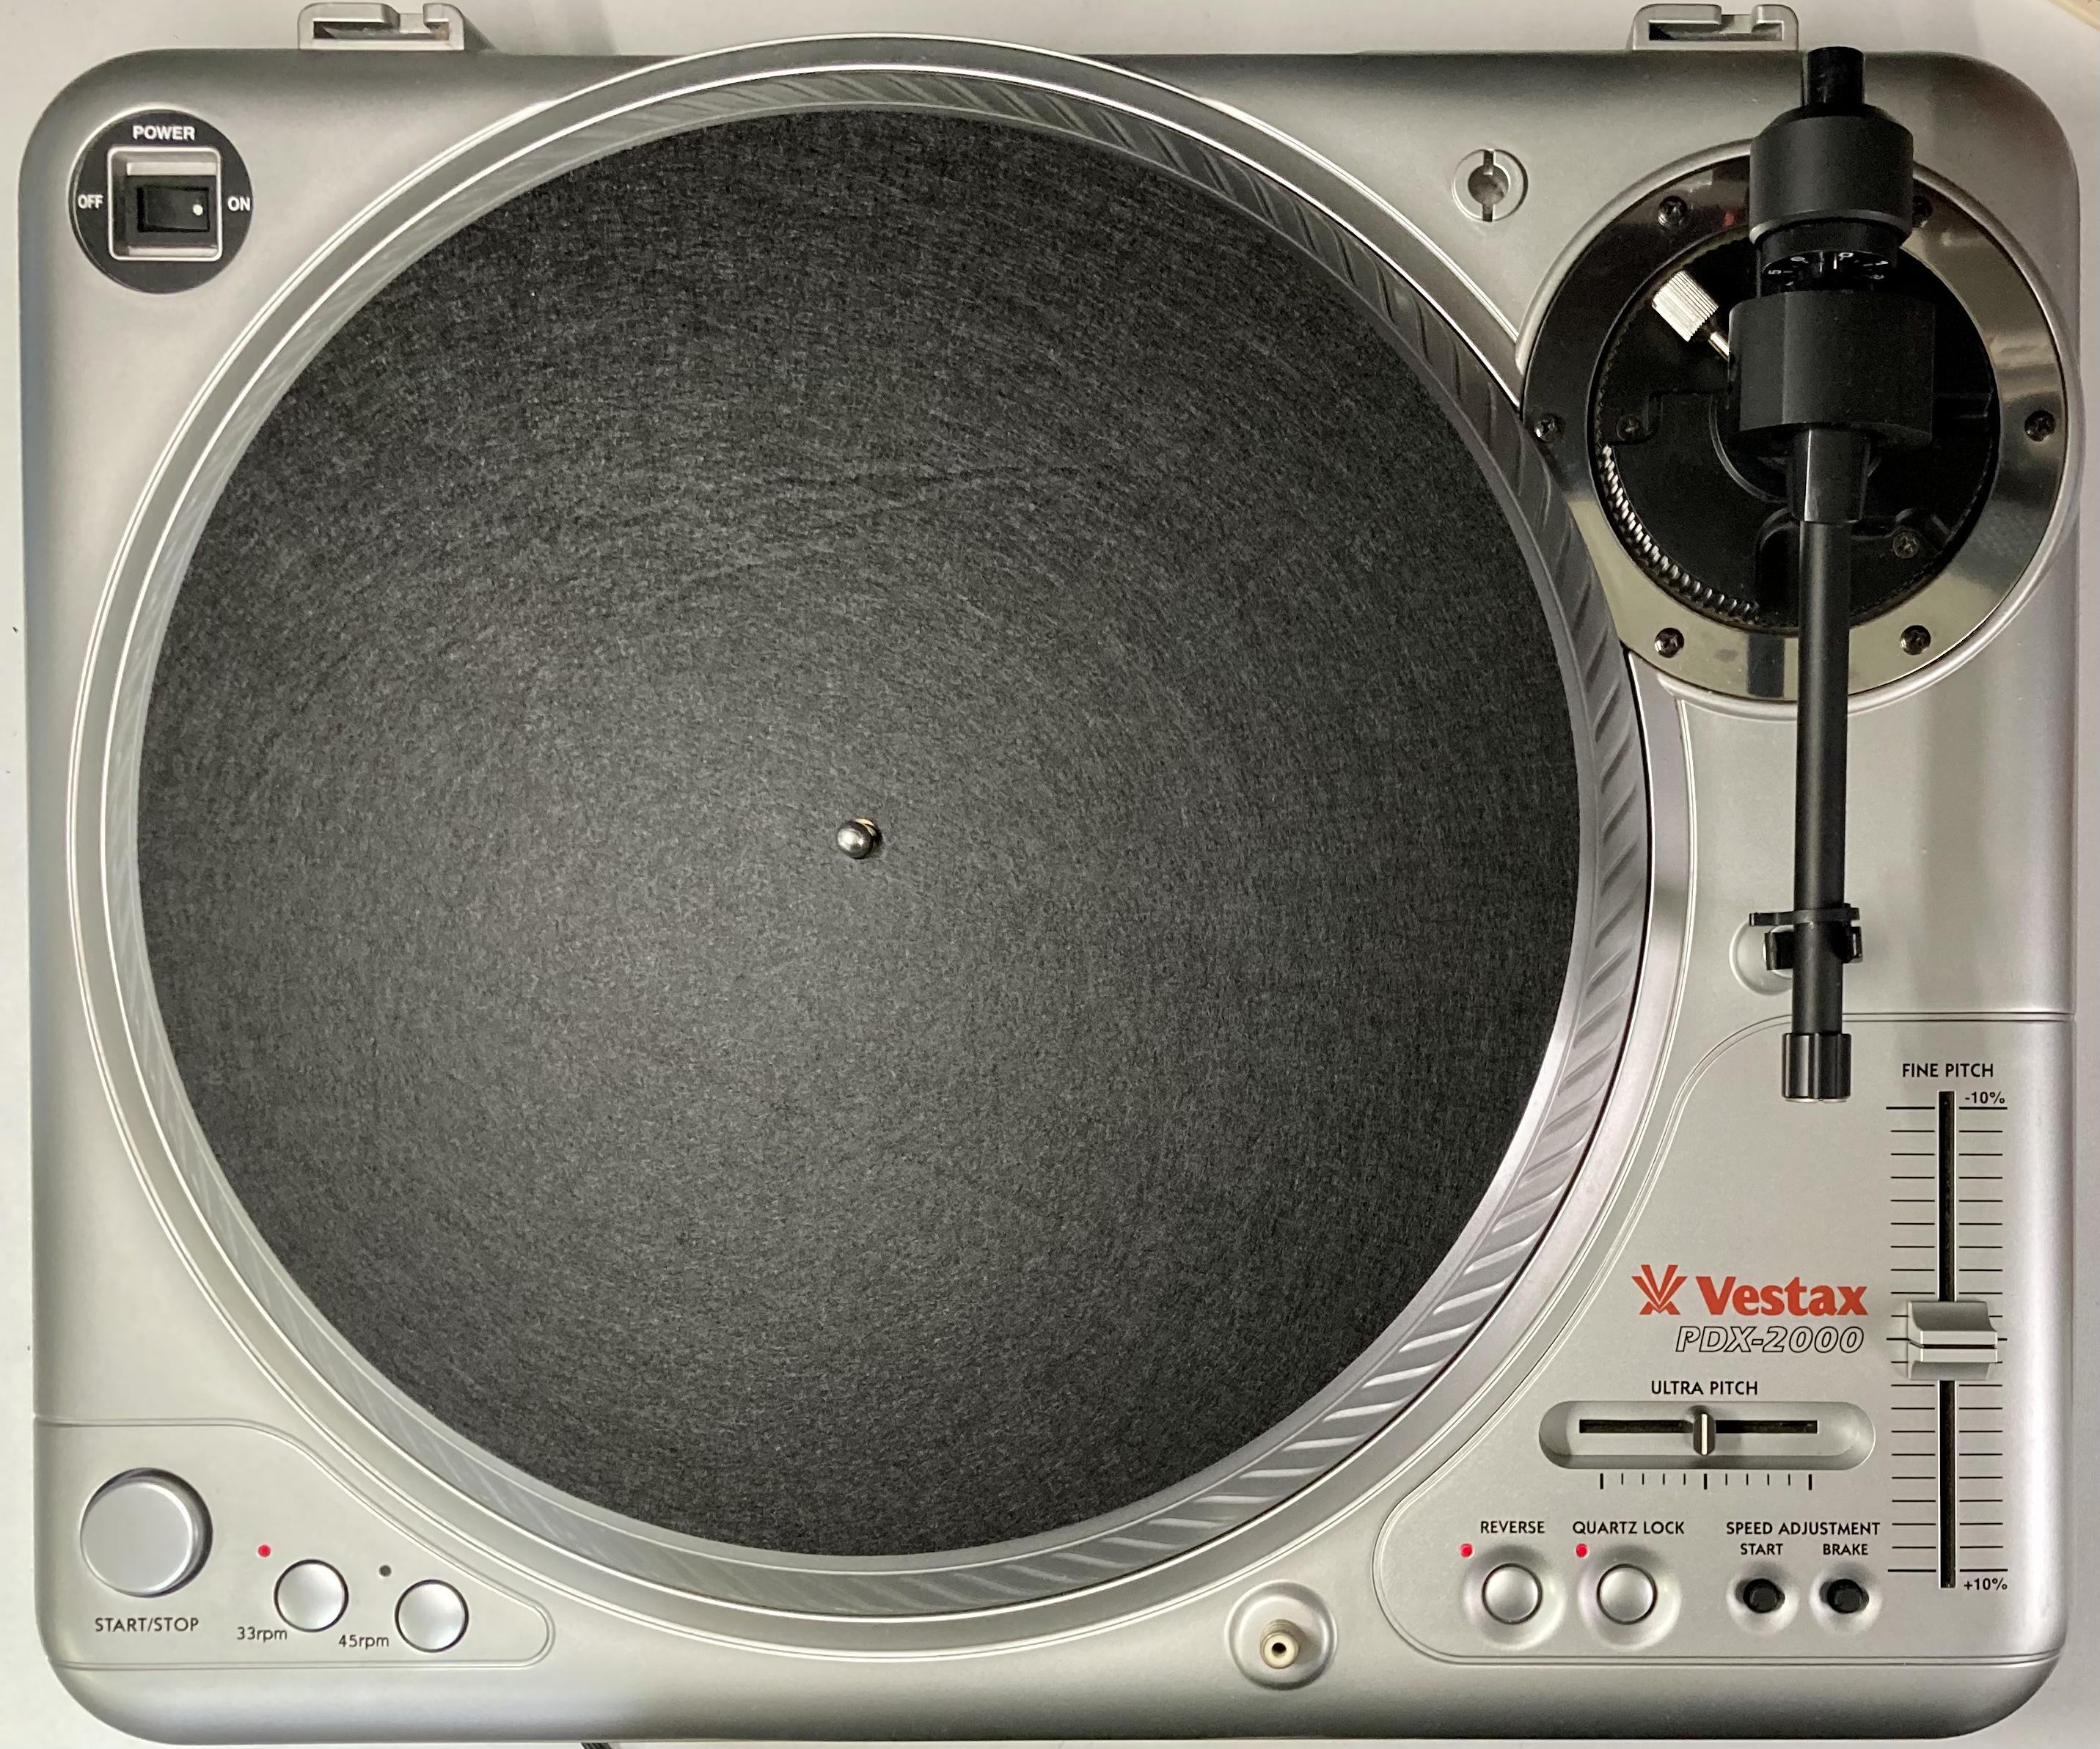 [安心のメンテナンス/カスタム済USED] Vestax PDX-2000 シルバー (インシュレーター改善品)【6ヶ月保証付き】 TT-0090